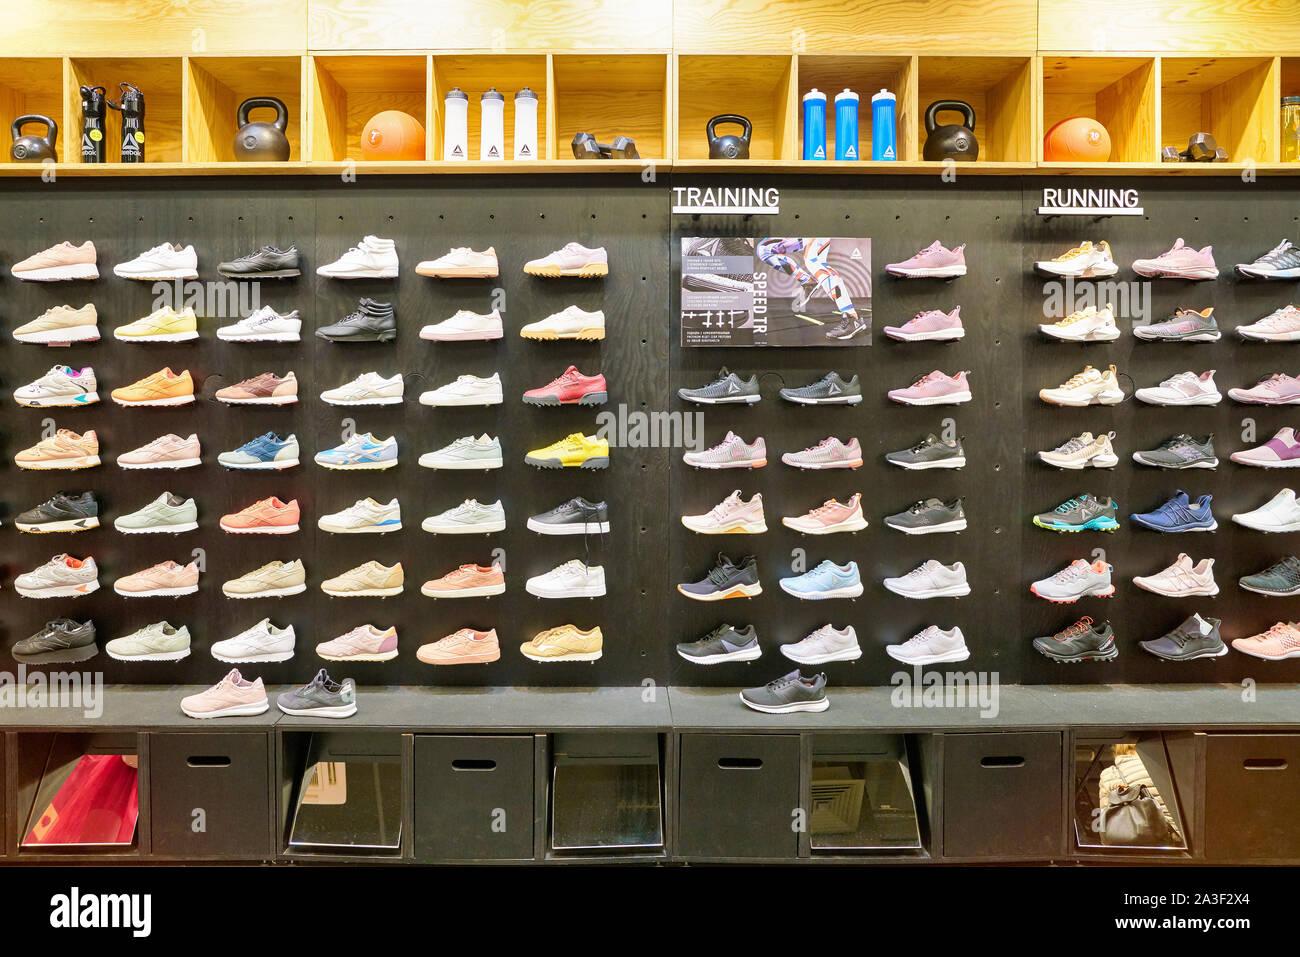 Reebok Schuhe Stockfotos und bilder Kaufen Alamy